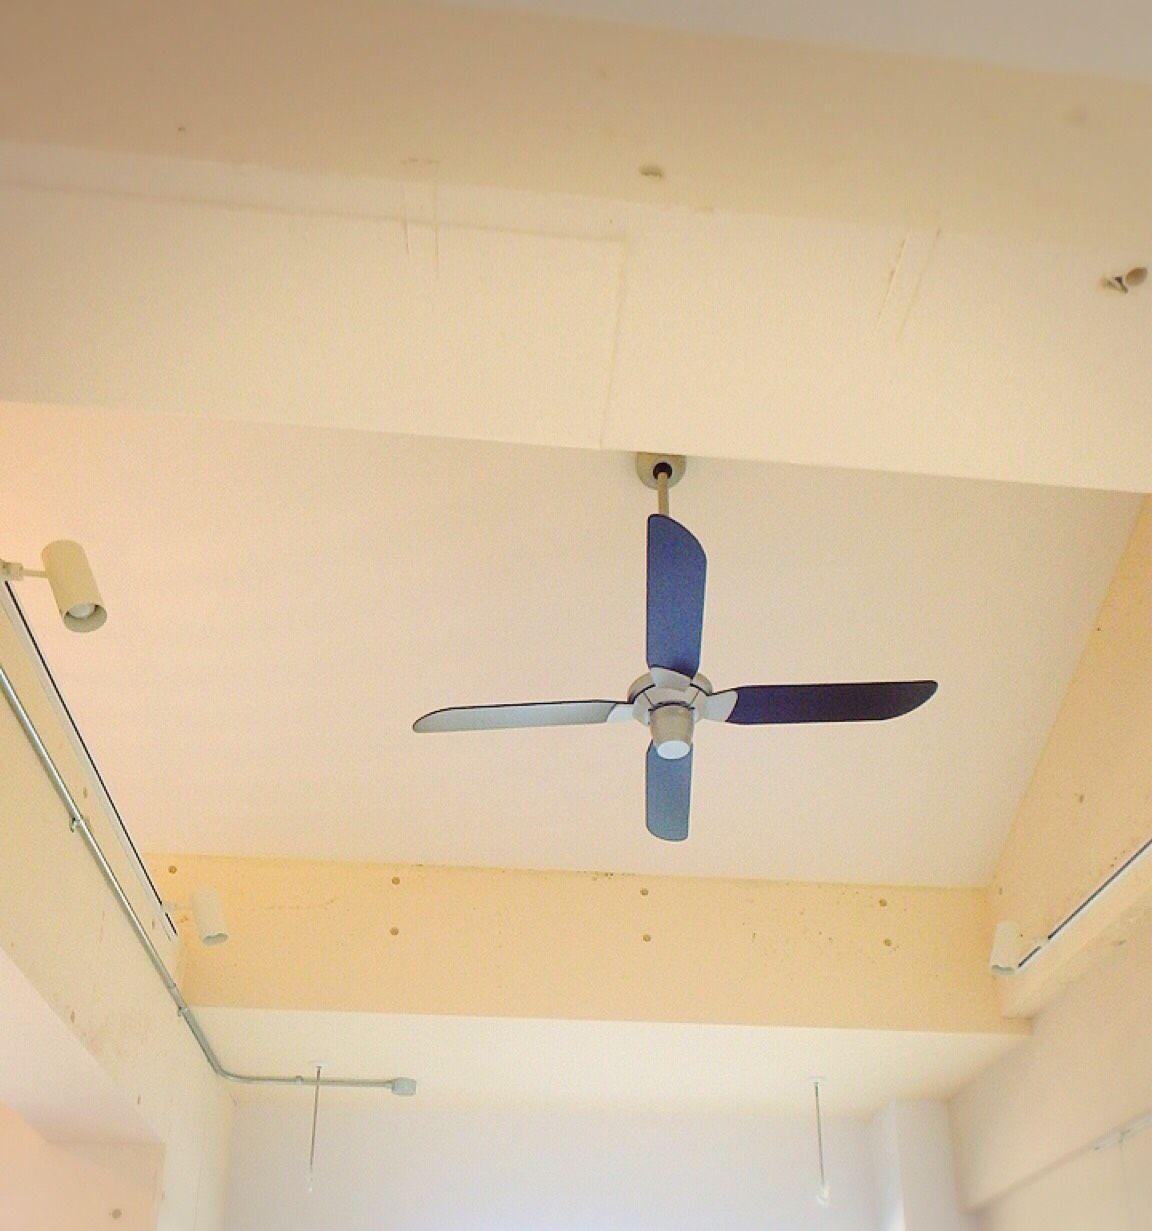 塗装した天井とプロペラがレトロな雰囲気 リノベーション おしゃれ